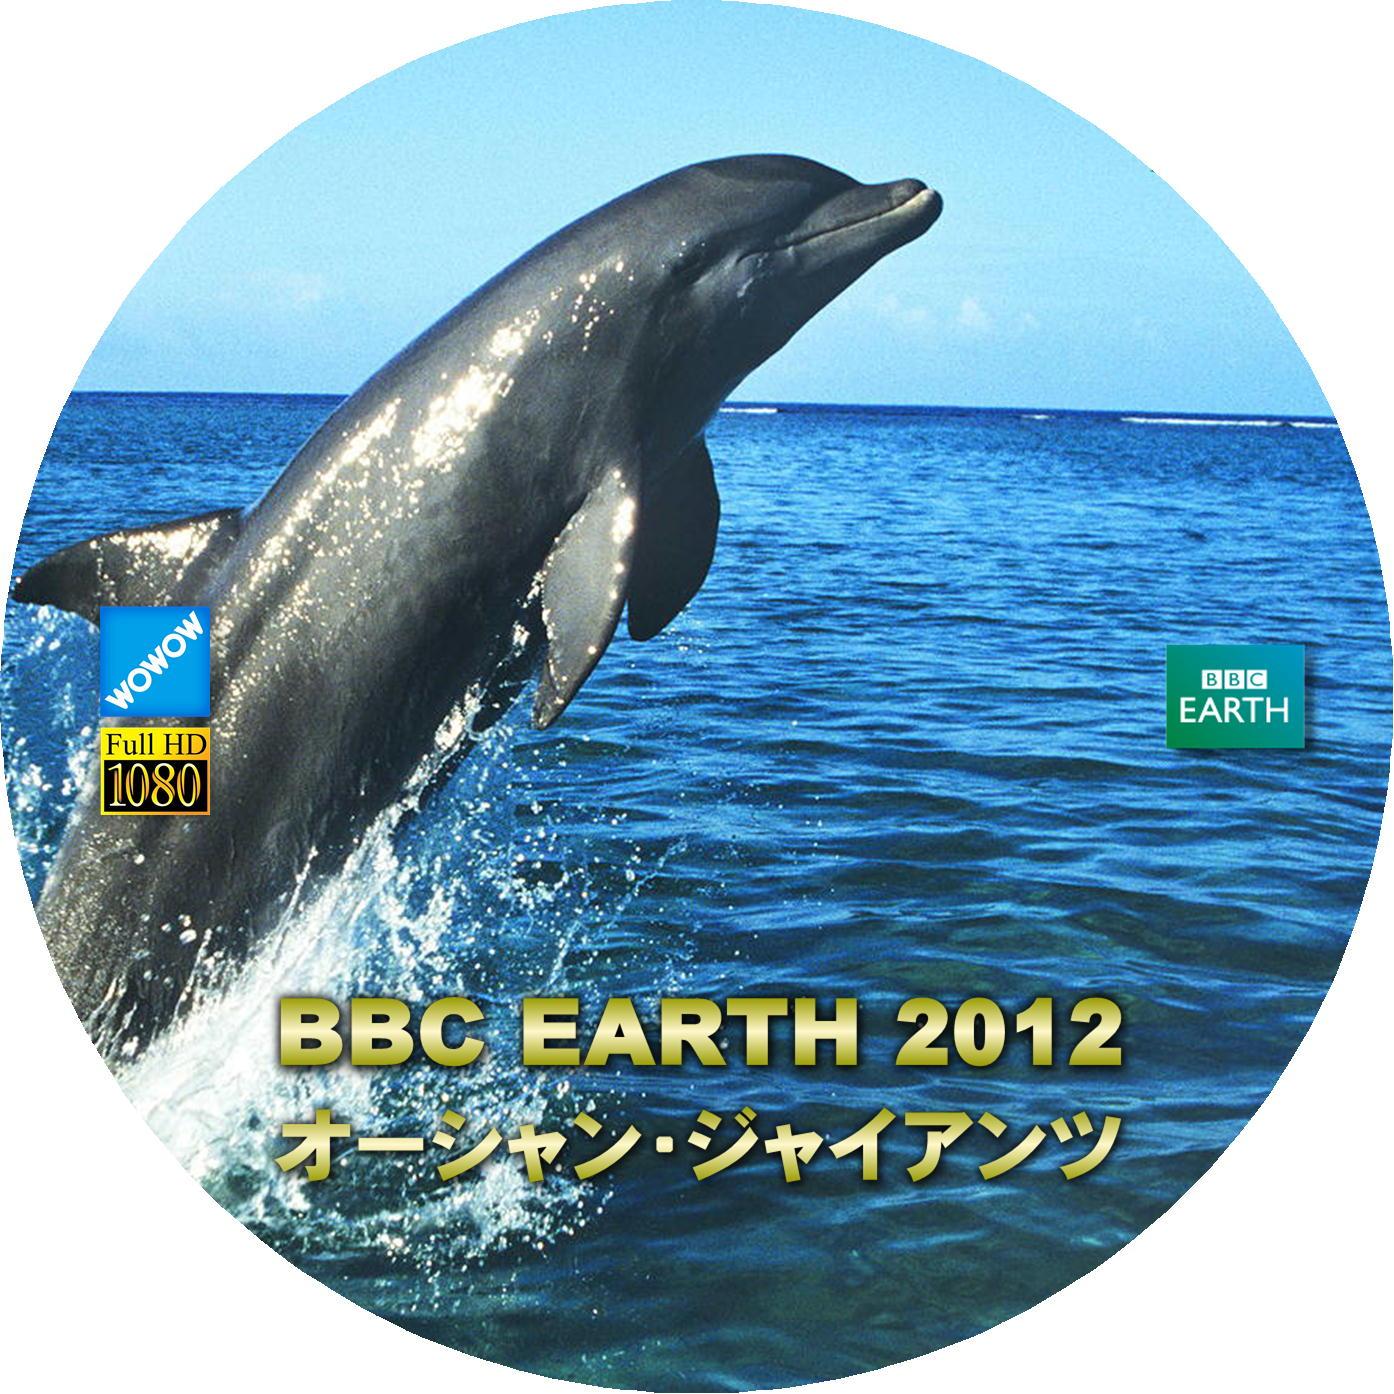 BBC EARTH 2012 オーシャン・ジャイアンツ DVDラベル